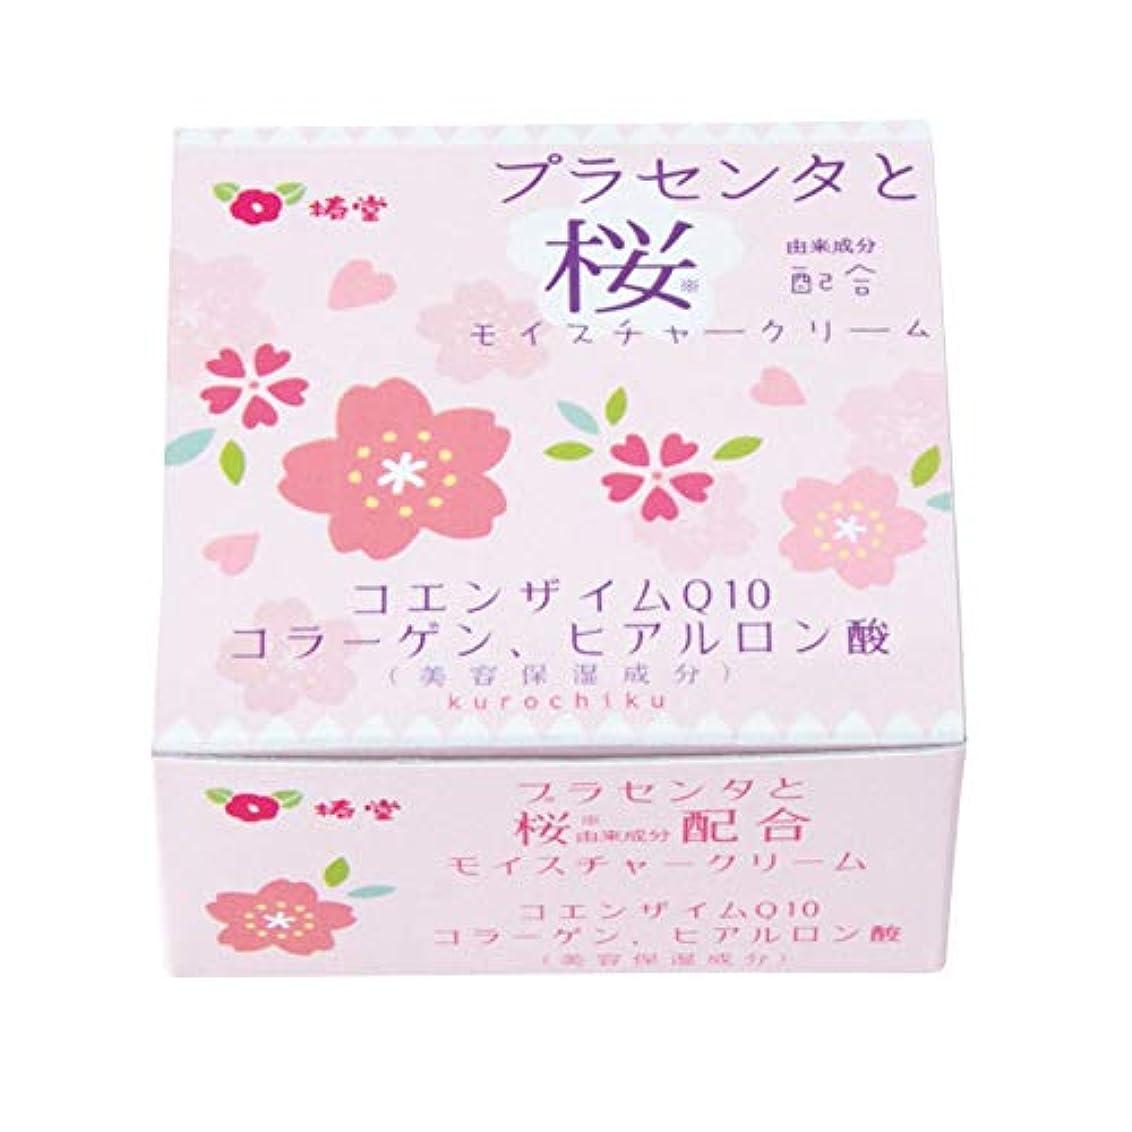 蜂に応じて許す椿堂 桜モイスチャークリーム (プラセンタと桜) 京都くろちく